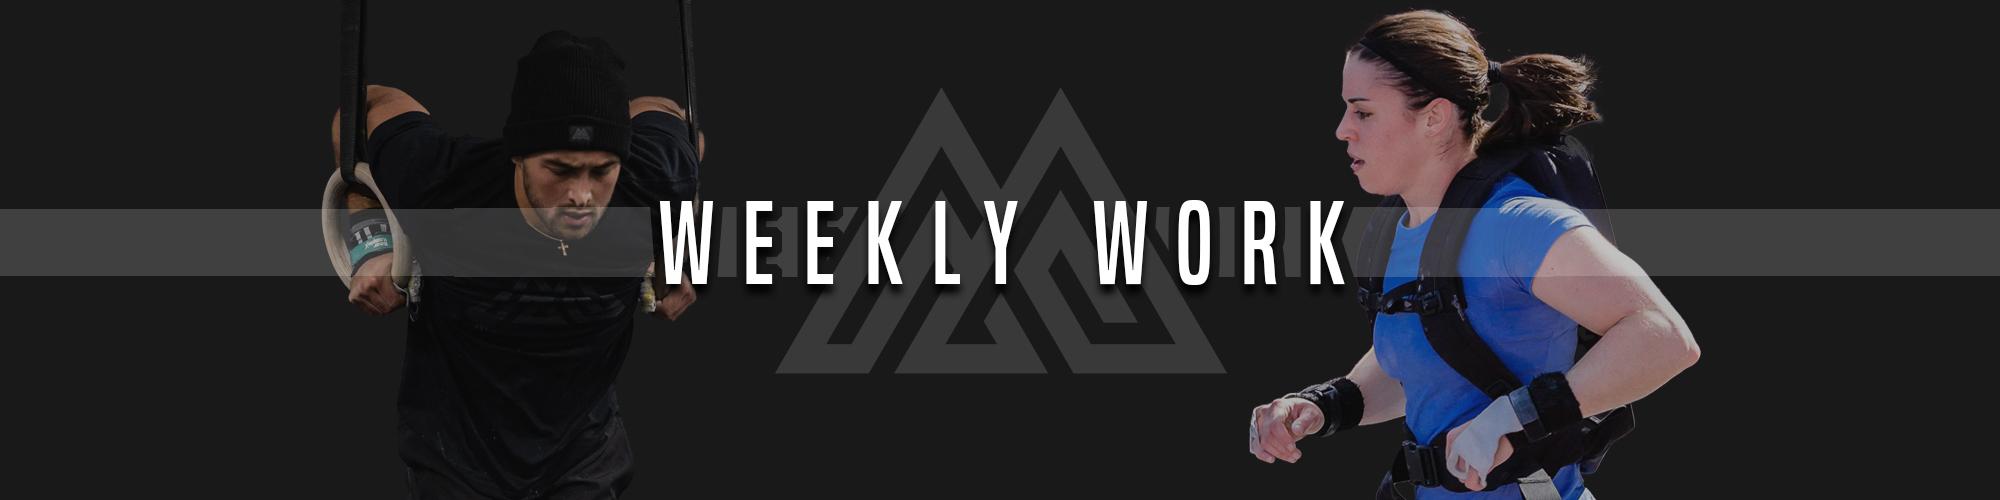 Weekly Work Competition Block 1 Week 2